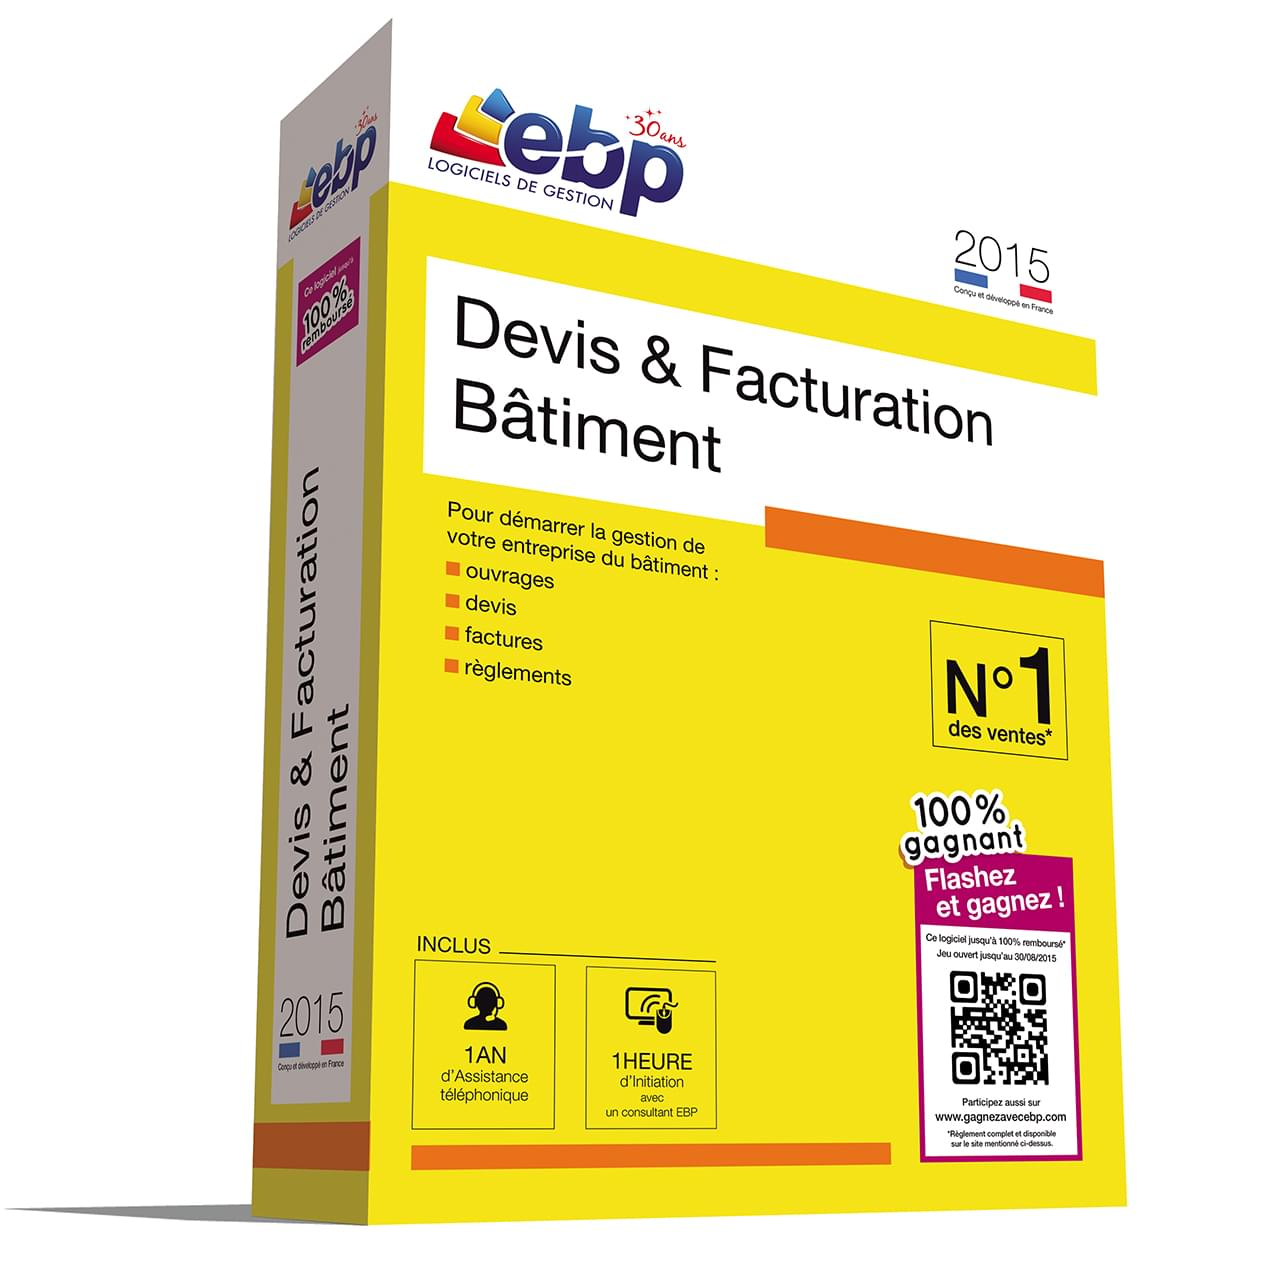 EBP Devis & Facturation Bâtiment 2015+VIP+100% Gagnant - Logiciel application - 0